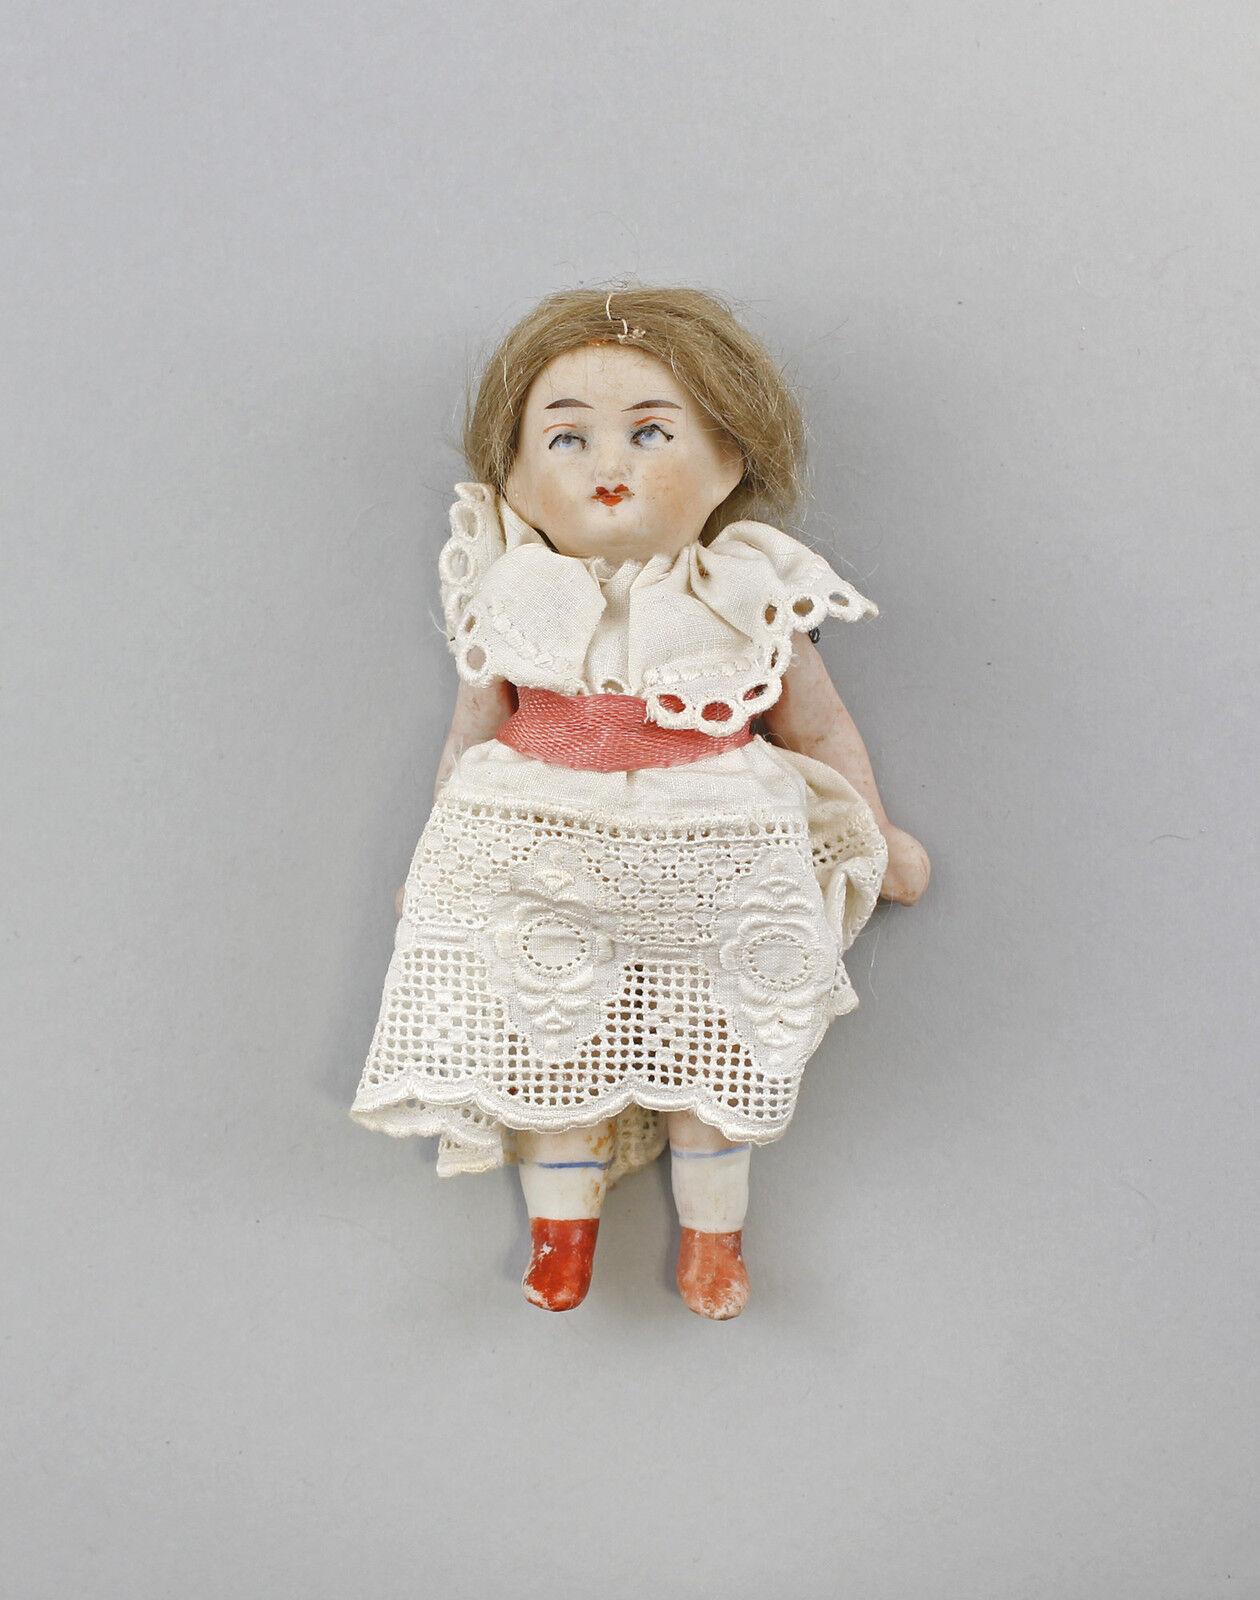 Ganz- Biskuit Porzellan Puppenstubenpuppe 99810017